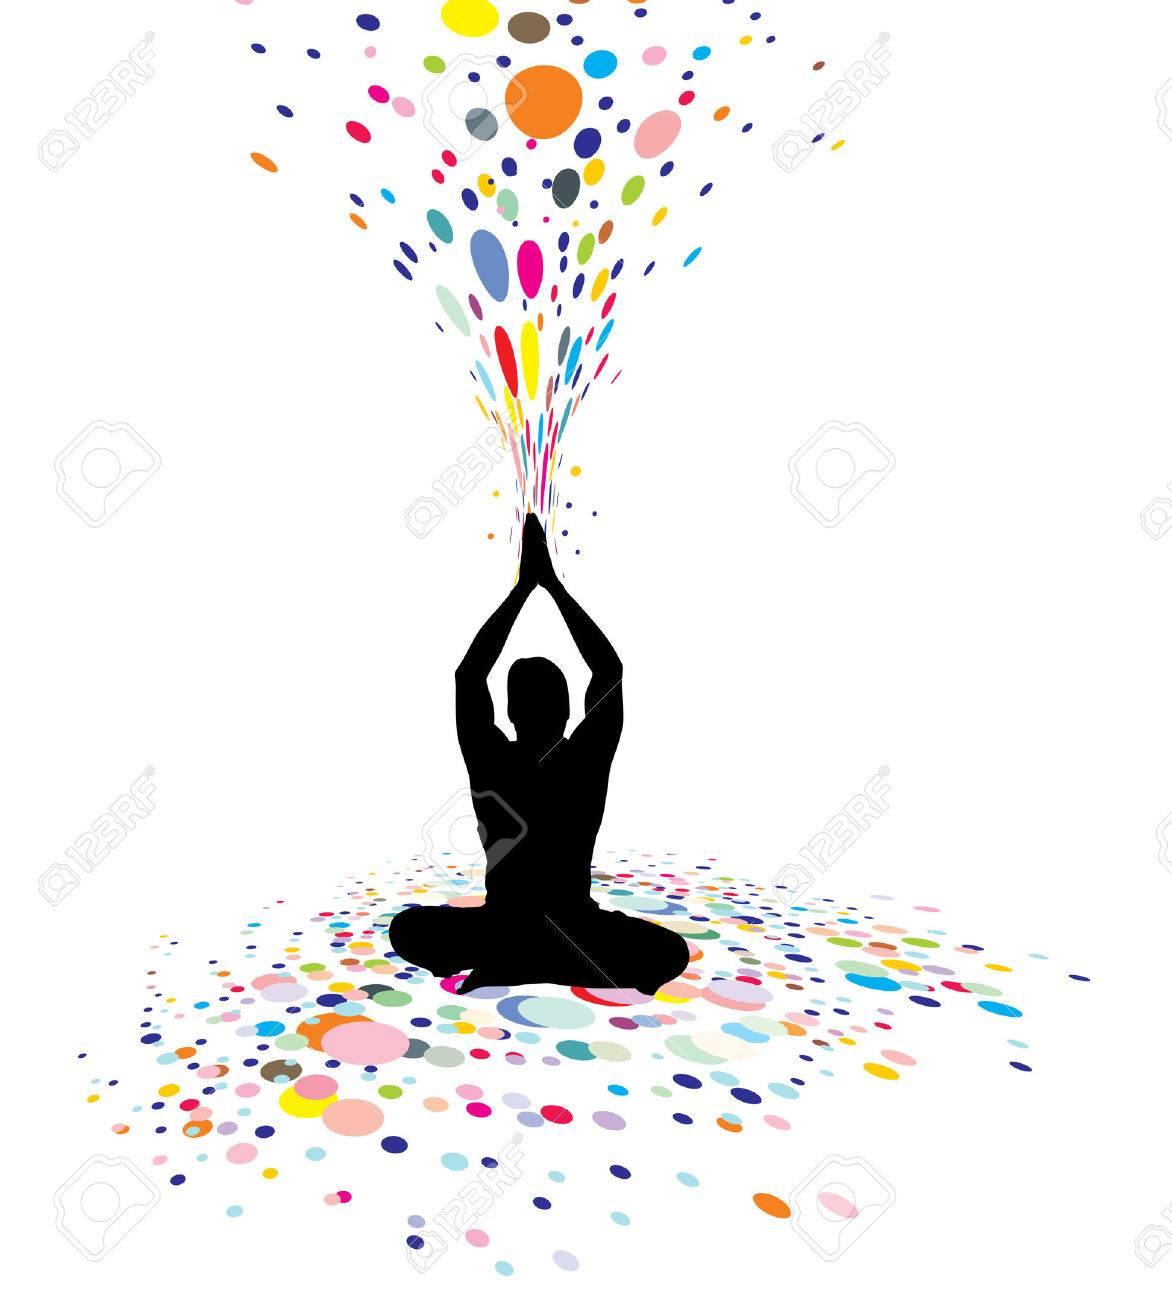 Ein Junger Mann Tun Yoga Silhouette In Erstellen Einer Natur Macht ...